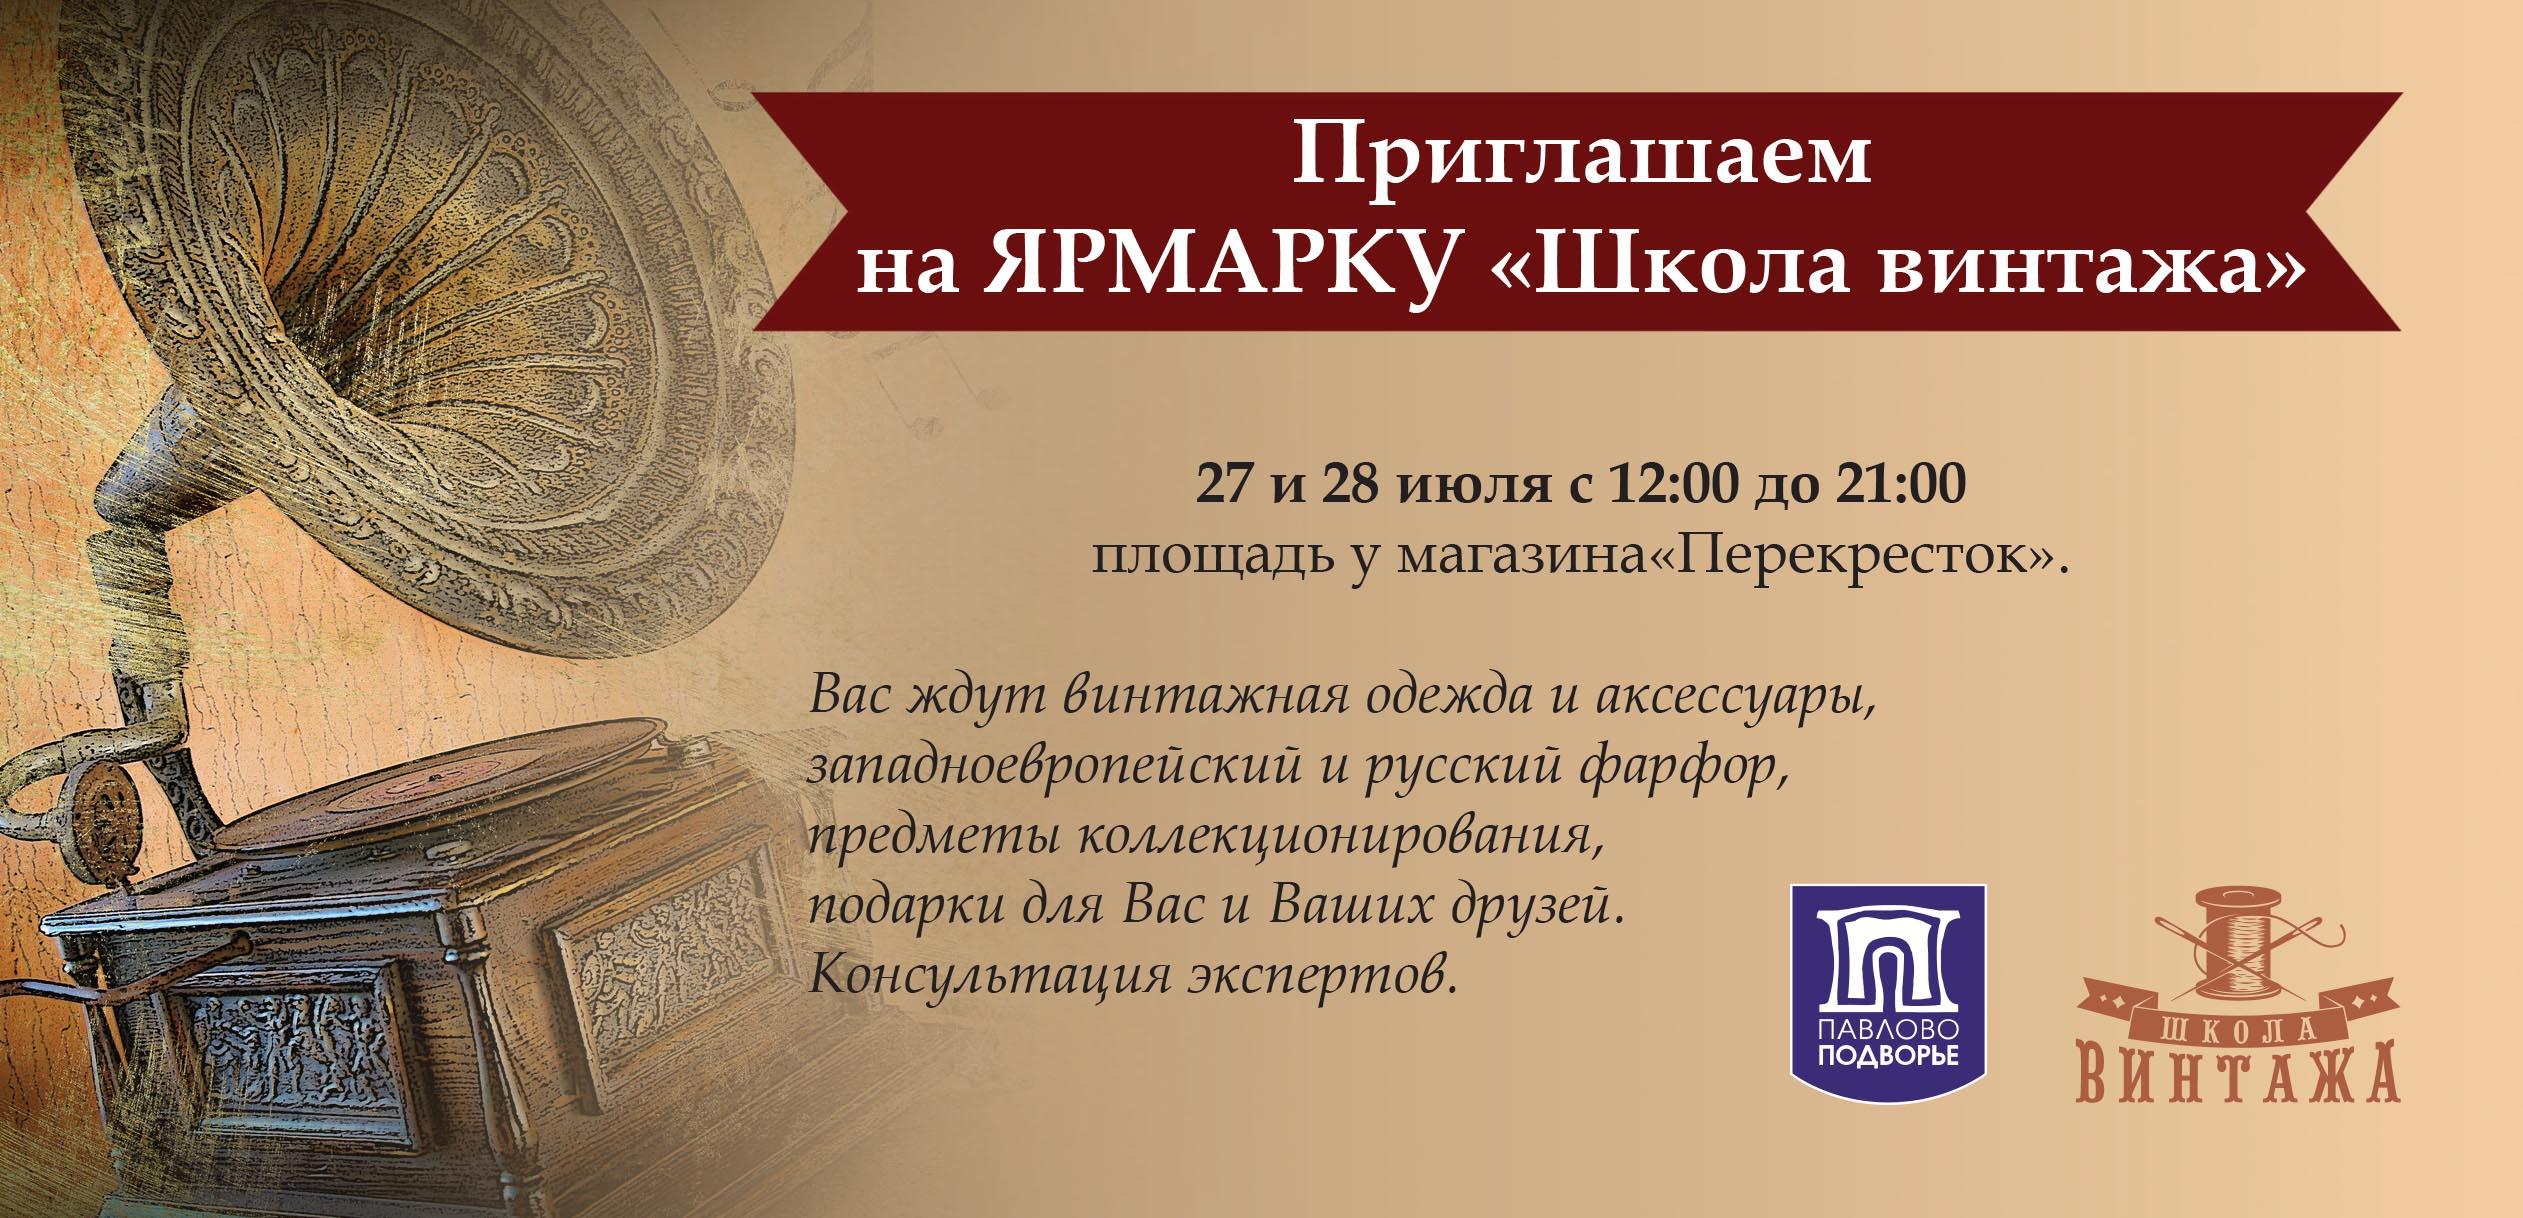 Ярмарка Школа Винтажа 27-28 июля 2013 года в ТРК Павлово Подворье